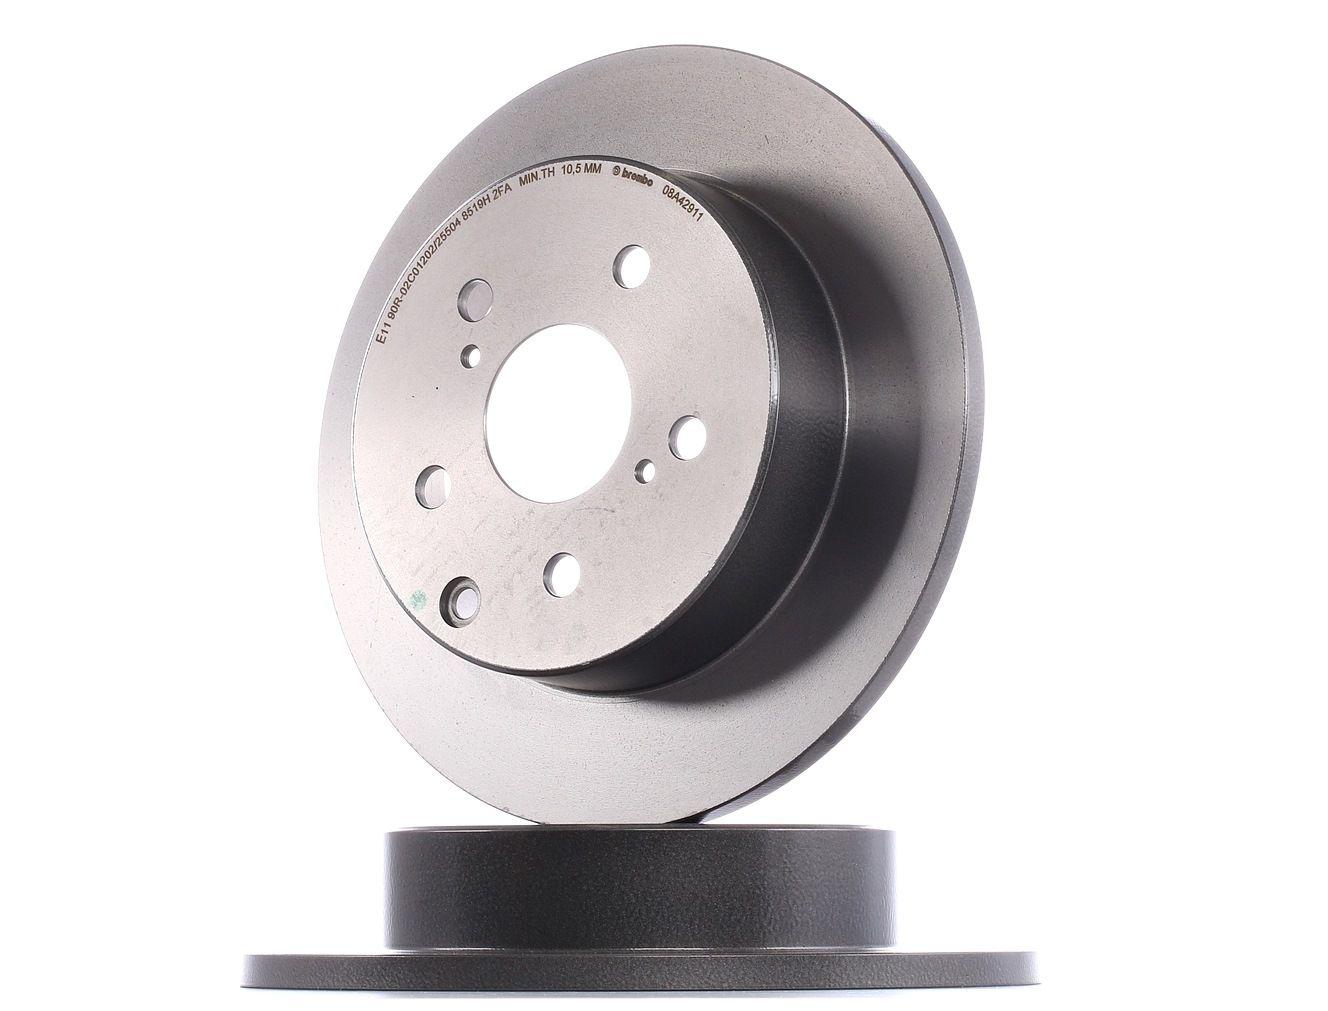 TOYOTA RAV4 2019 Bremsscheiben - Original BREMBO 08.A429.11 Ø: 281mm, Lochanzahl: 5, Bremsscheibendicke: 12mm